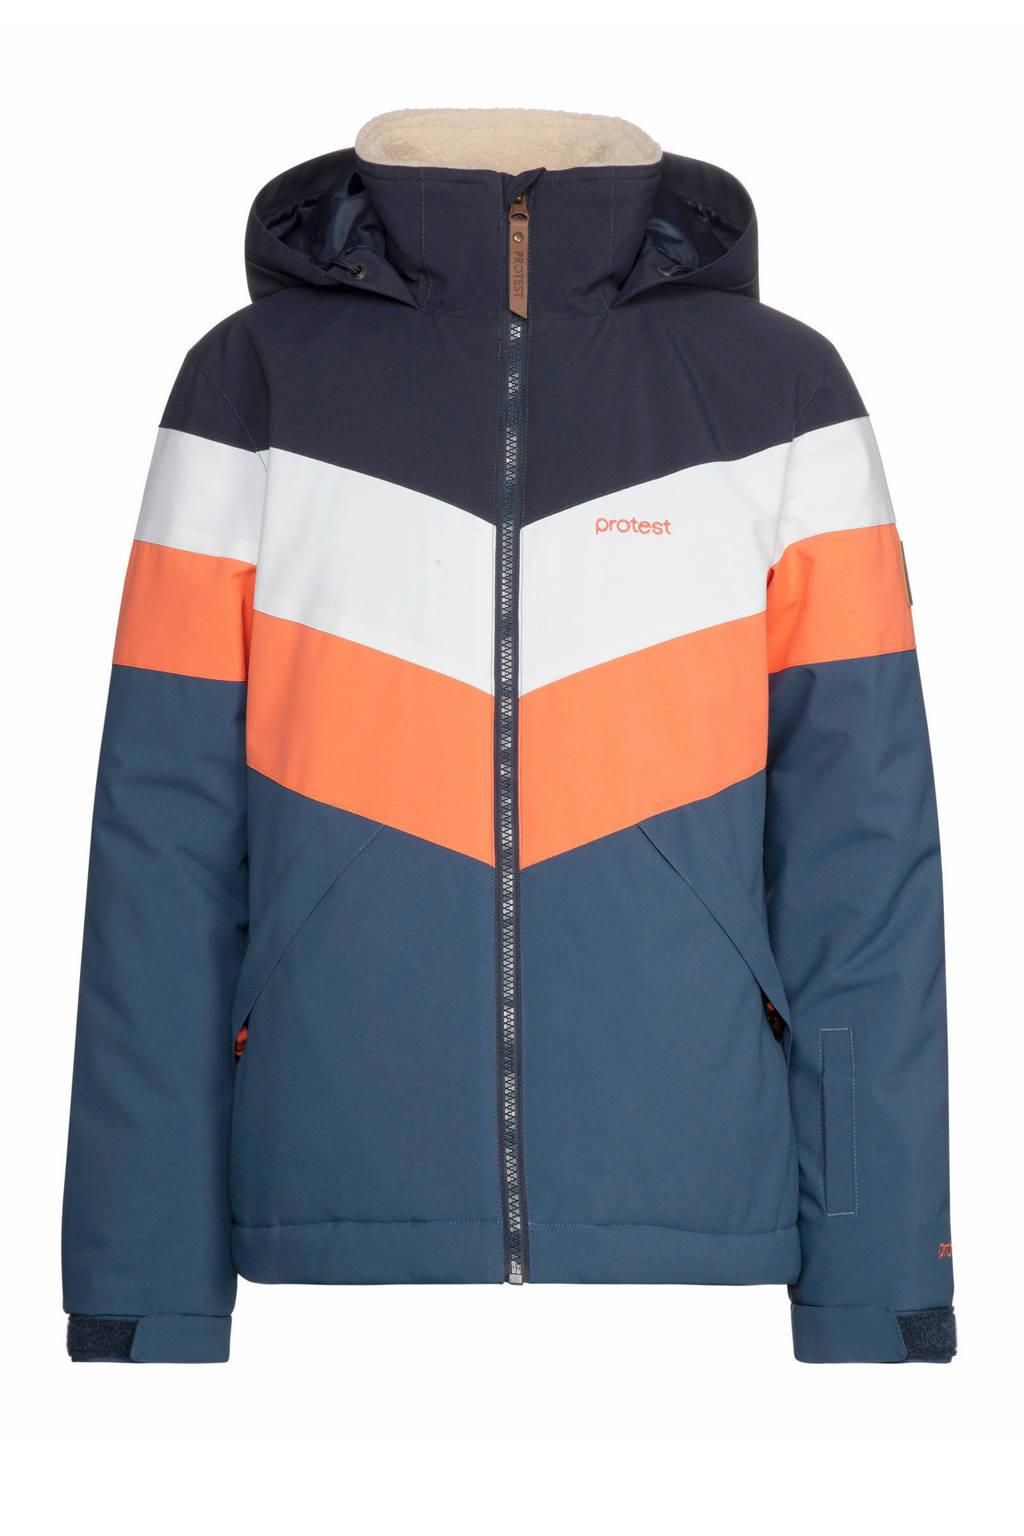 Protest ski-jack Fudge donkerblauw/oranje, Atlantic